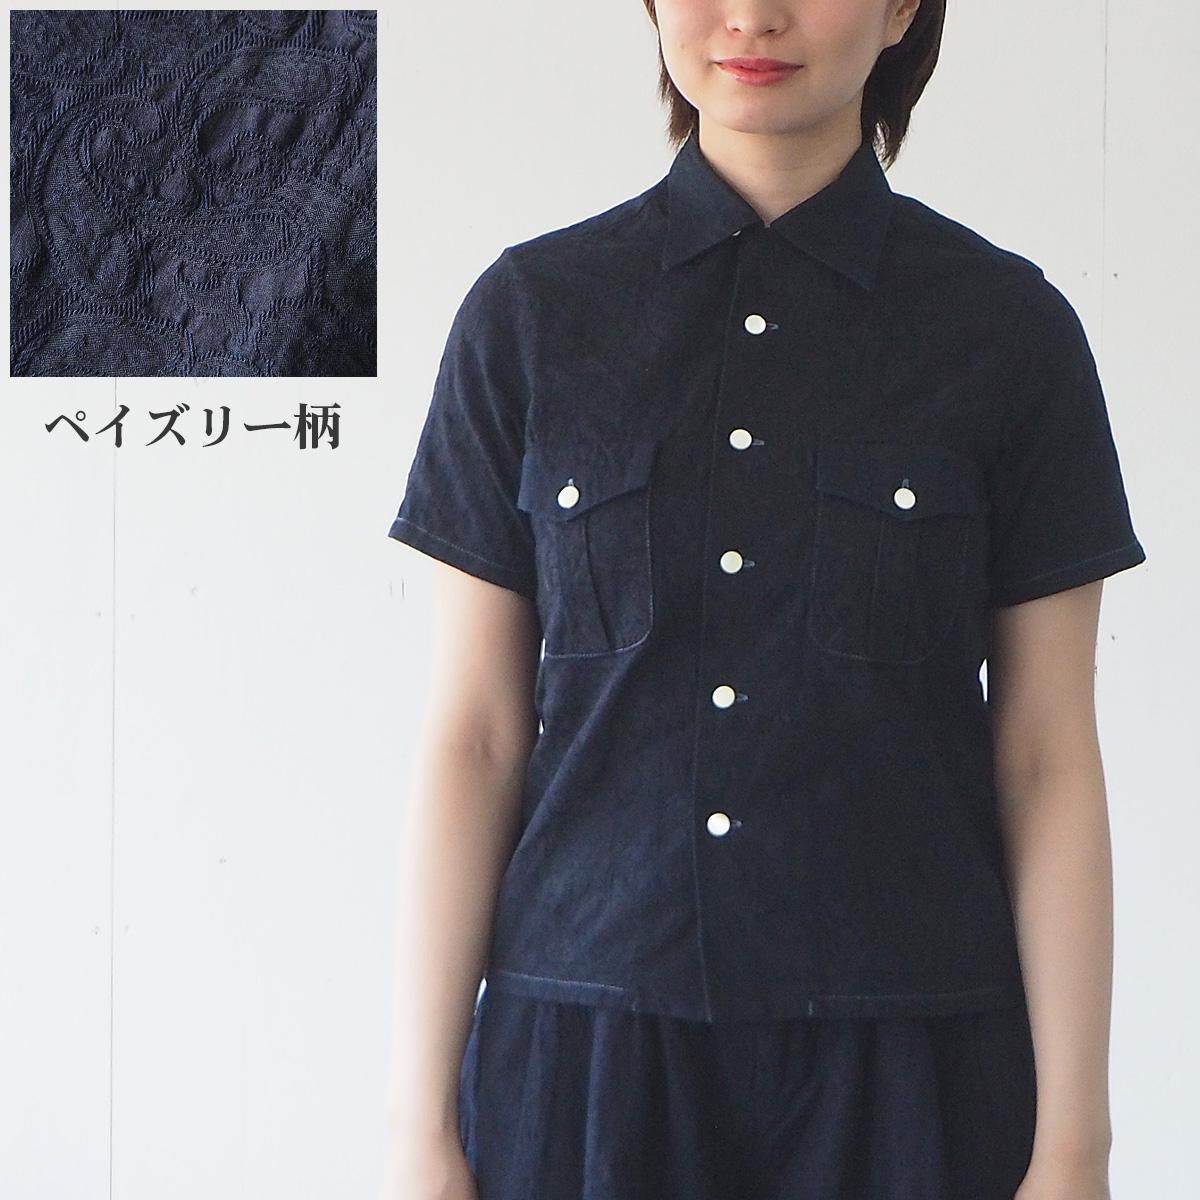 graphzero(グラフゼロ) オープンカラーシャツ 半袖 ペイズリー レディース [GZ-OPC-3004-PAI-LADIES]